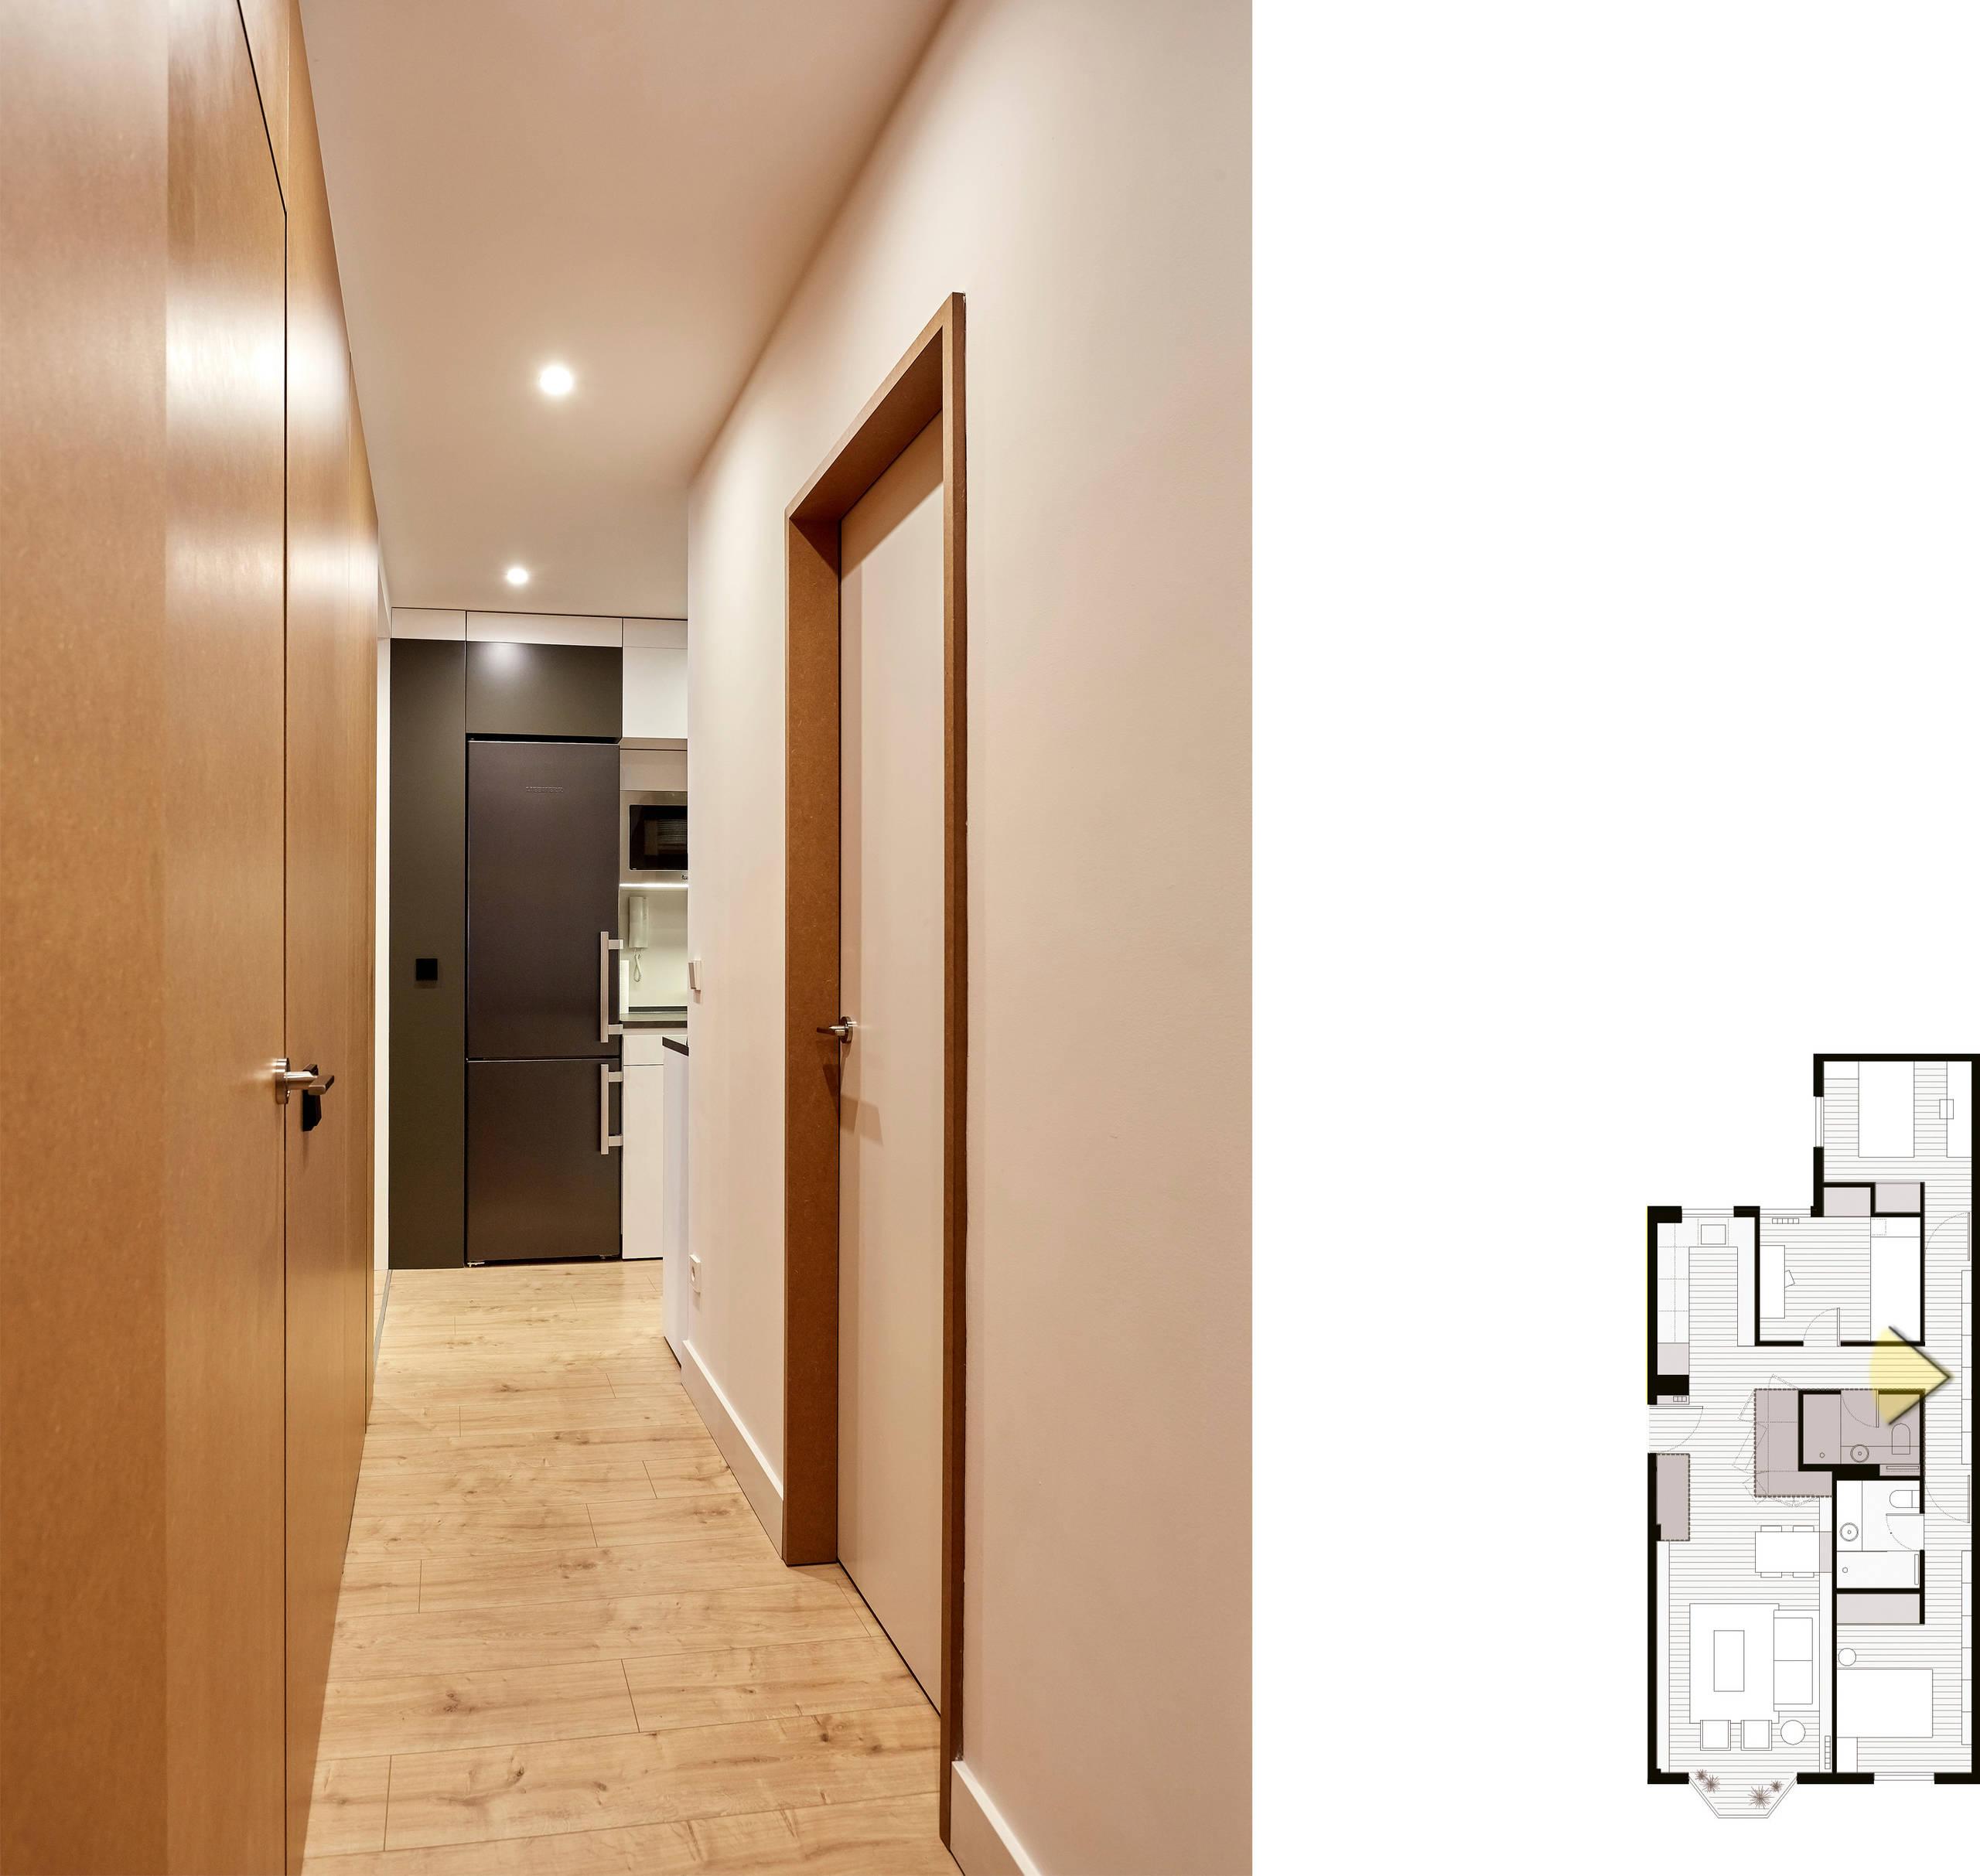 Vista general del pasillo, hacia la cocina.